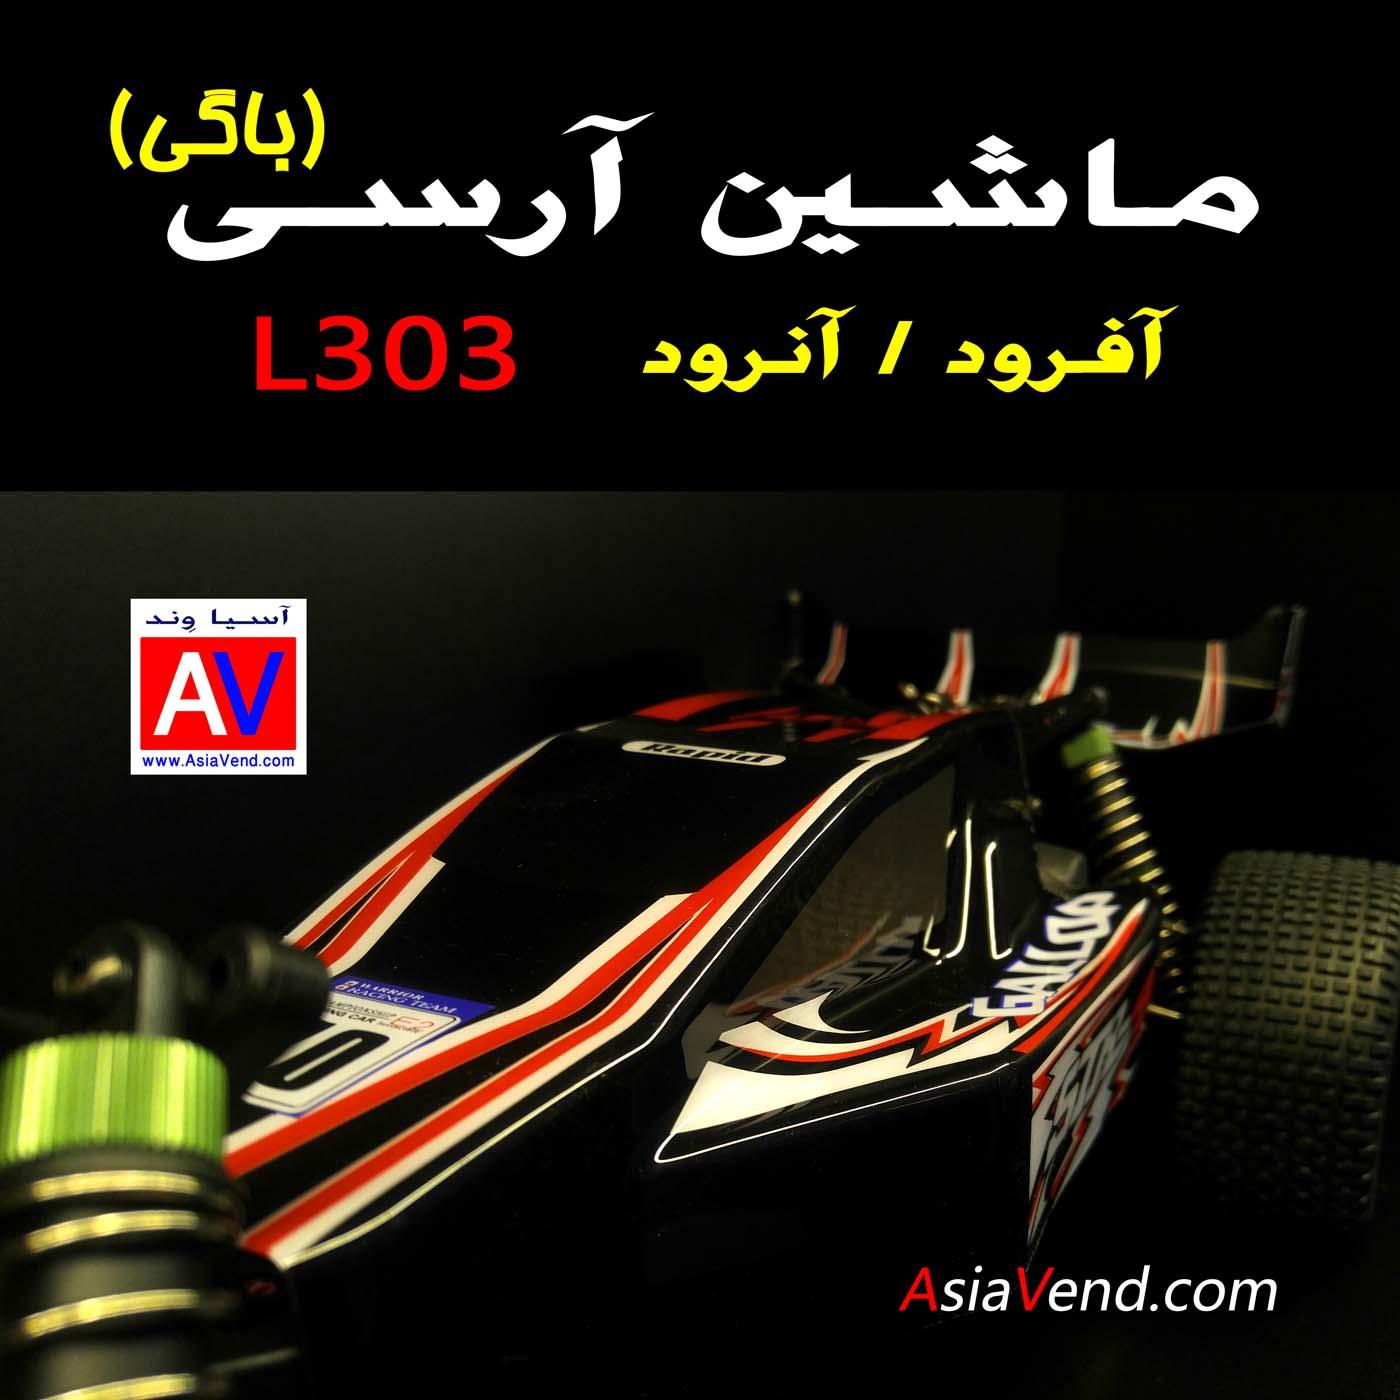 ماشین رادیو کنترلی حرفه ای ارزان ماشین رادیو کنترلی L303